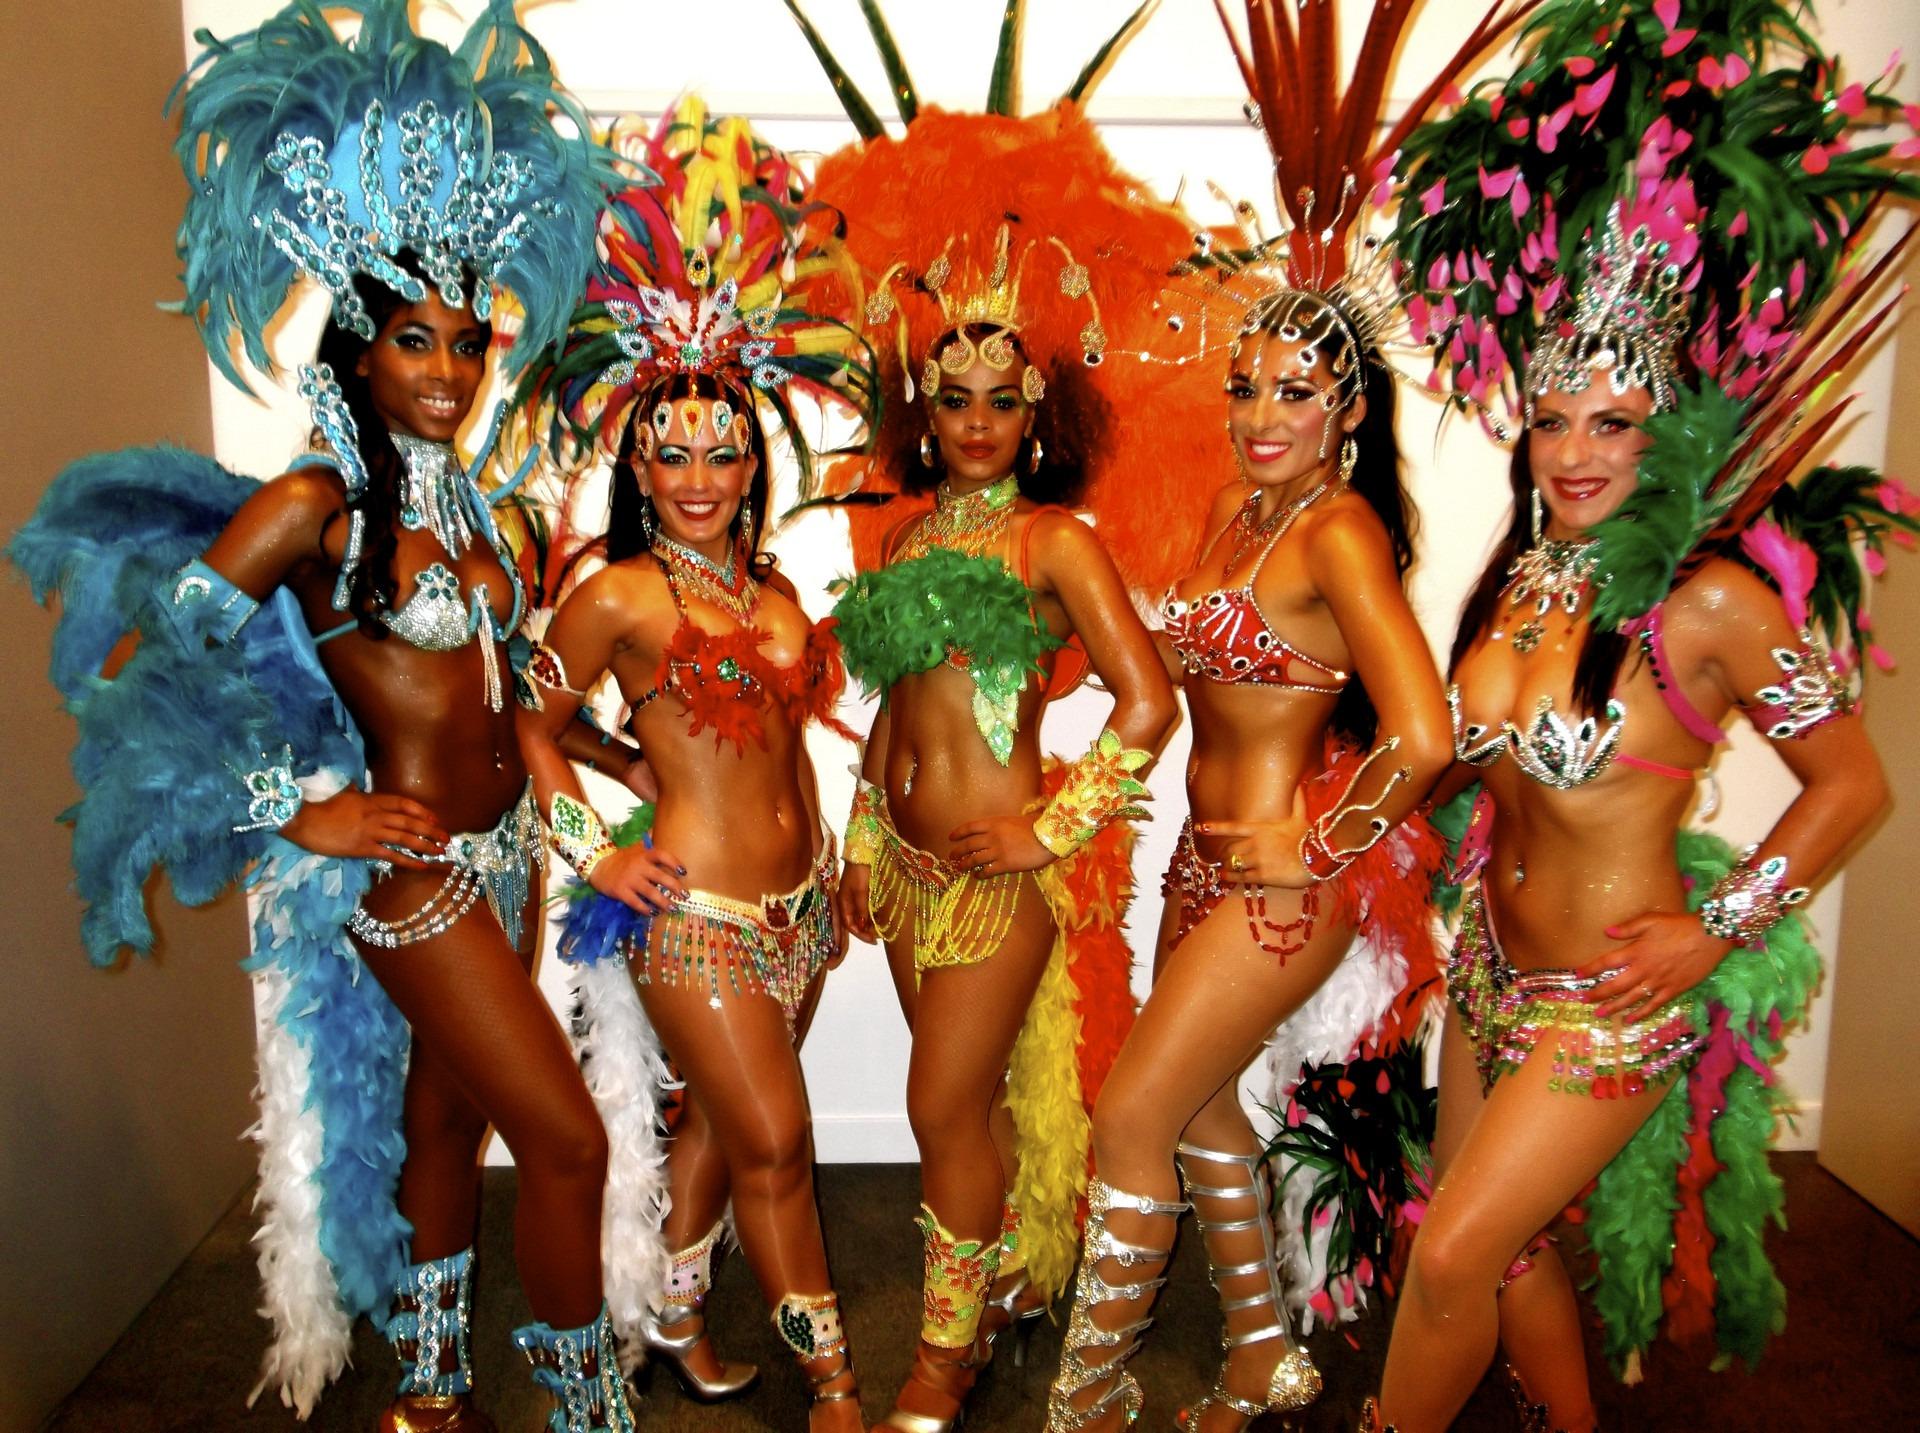 wyprawy-Perły-Ameryki-Południowej-Rio-de-Janeiro- Karnawał